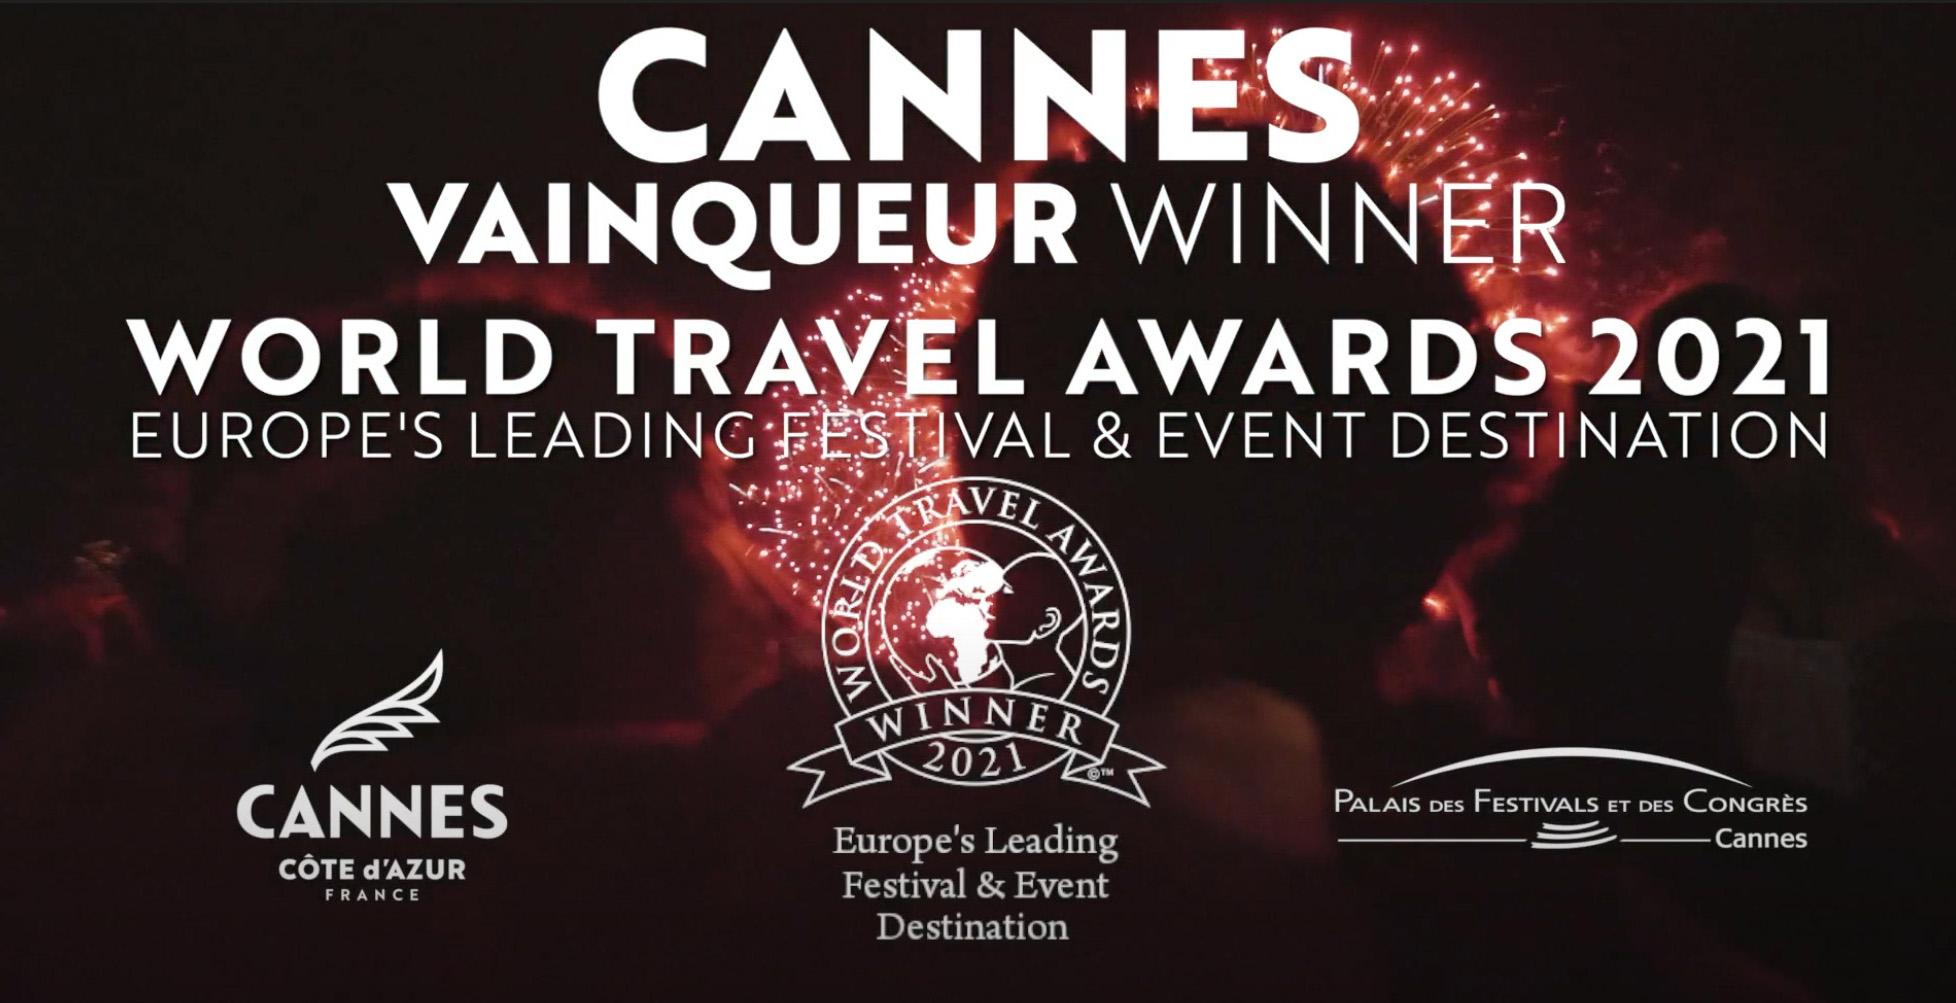 CANNES gagnante des World Travel Awards™ 2021 en tant que première destination européenne pour les festivals et événements